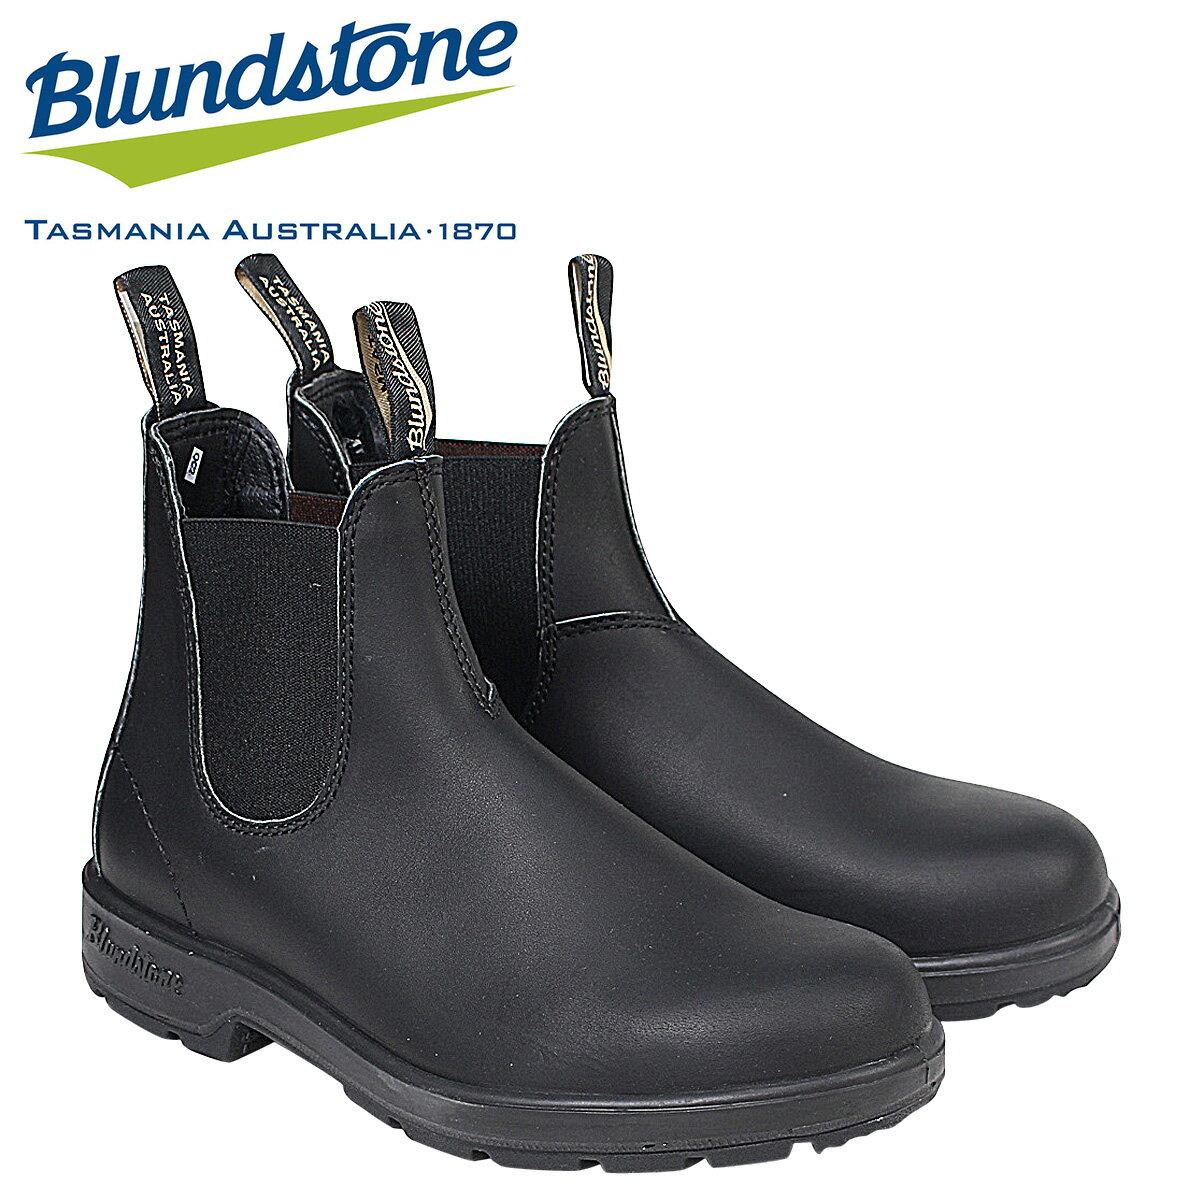 【半期決算SALE】Blundstone DRESS V CUT BOOTS 510 ブランドストーン サイドゴア メンズ ブーツ ブラック [1/16 追加入荷]